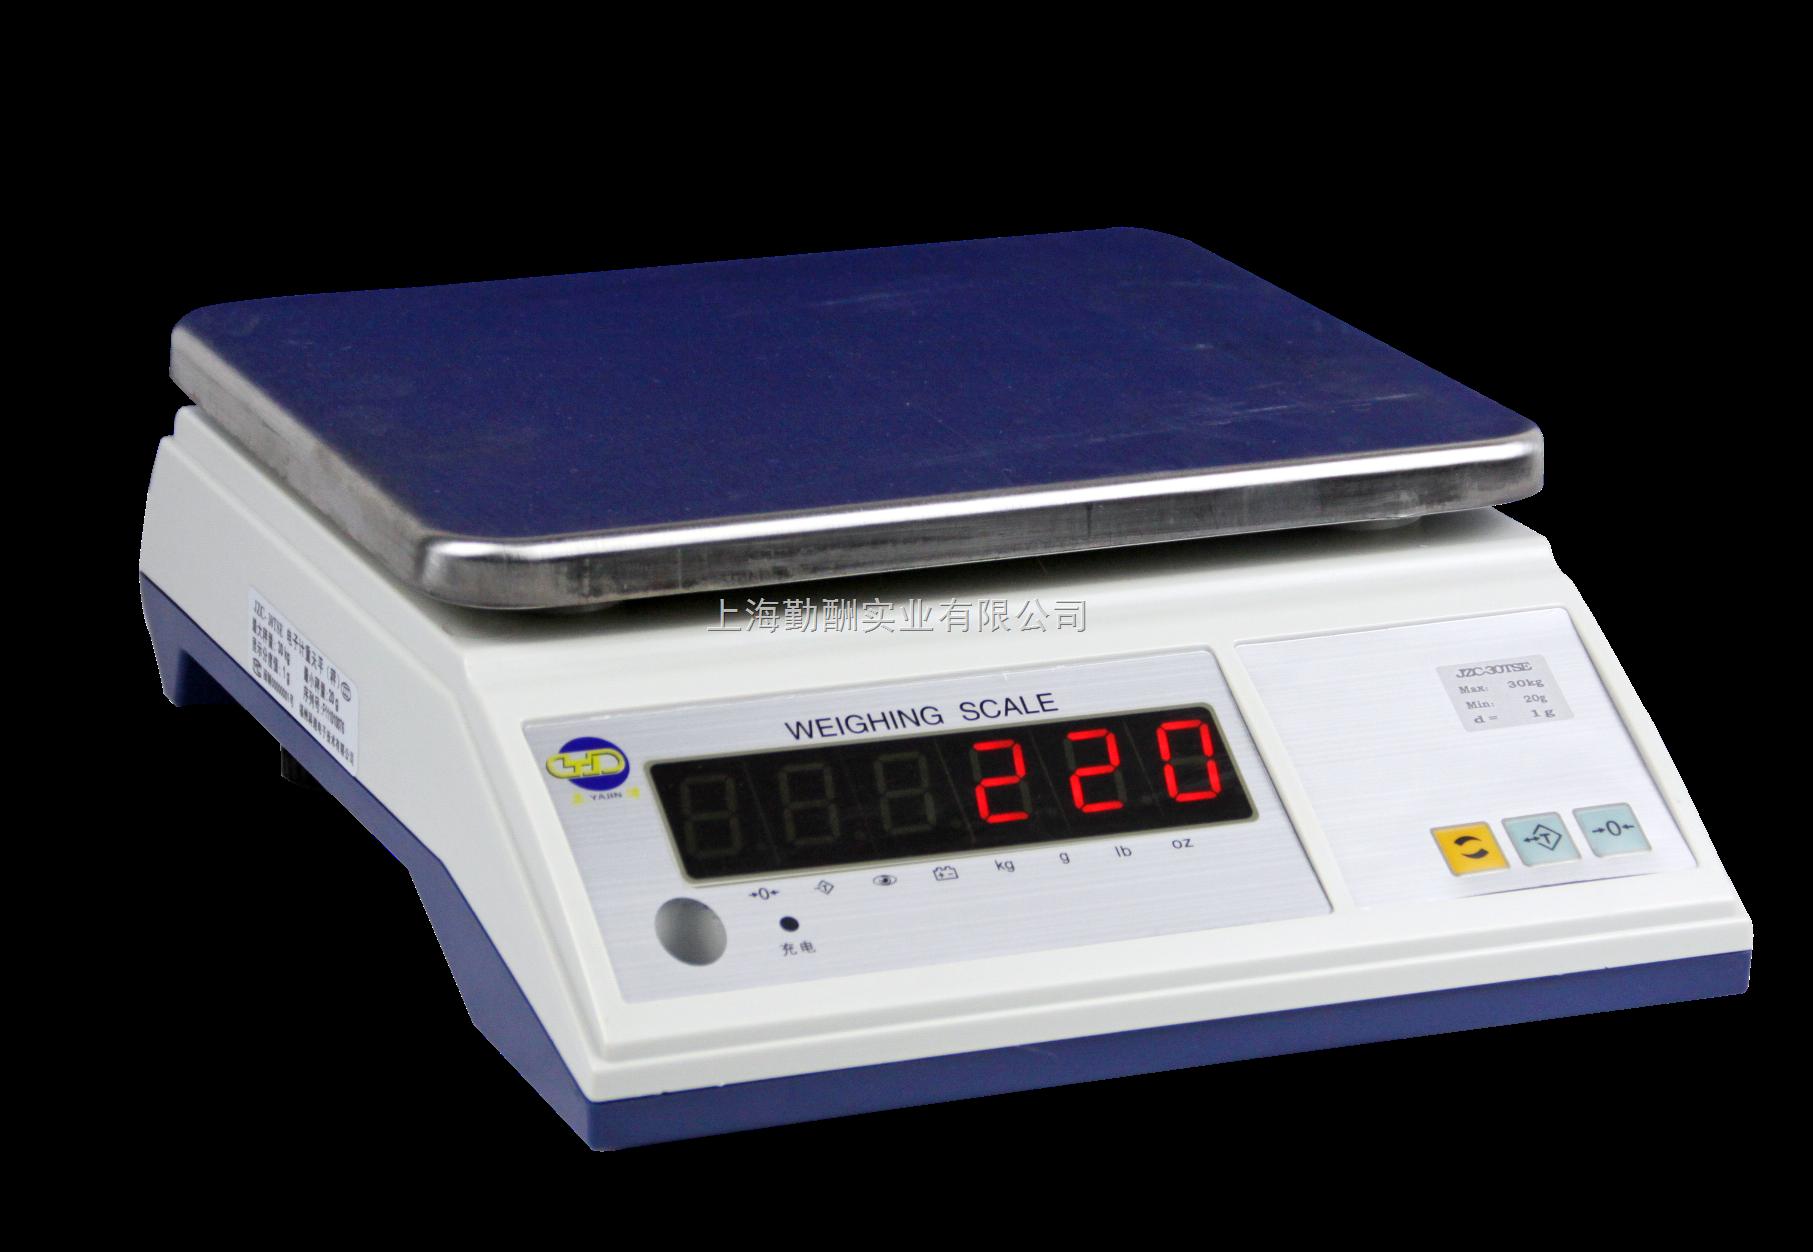 满量程去皮电子桌秤 LCD蓝色背光显示电子桌秤K